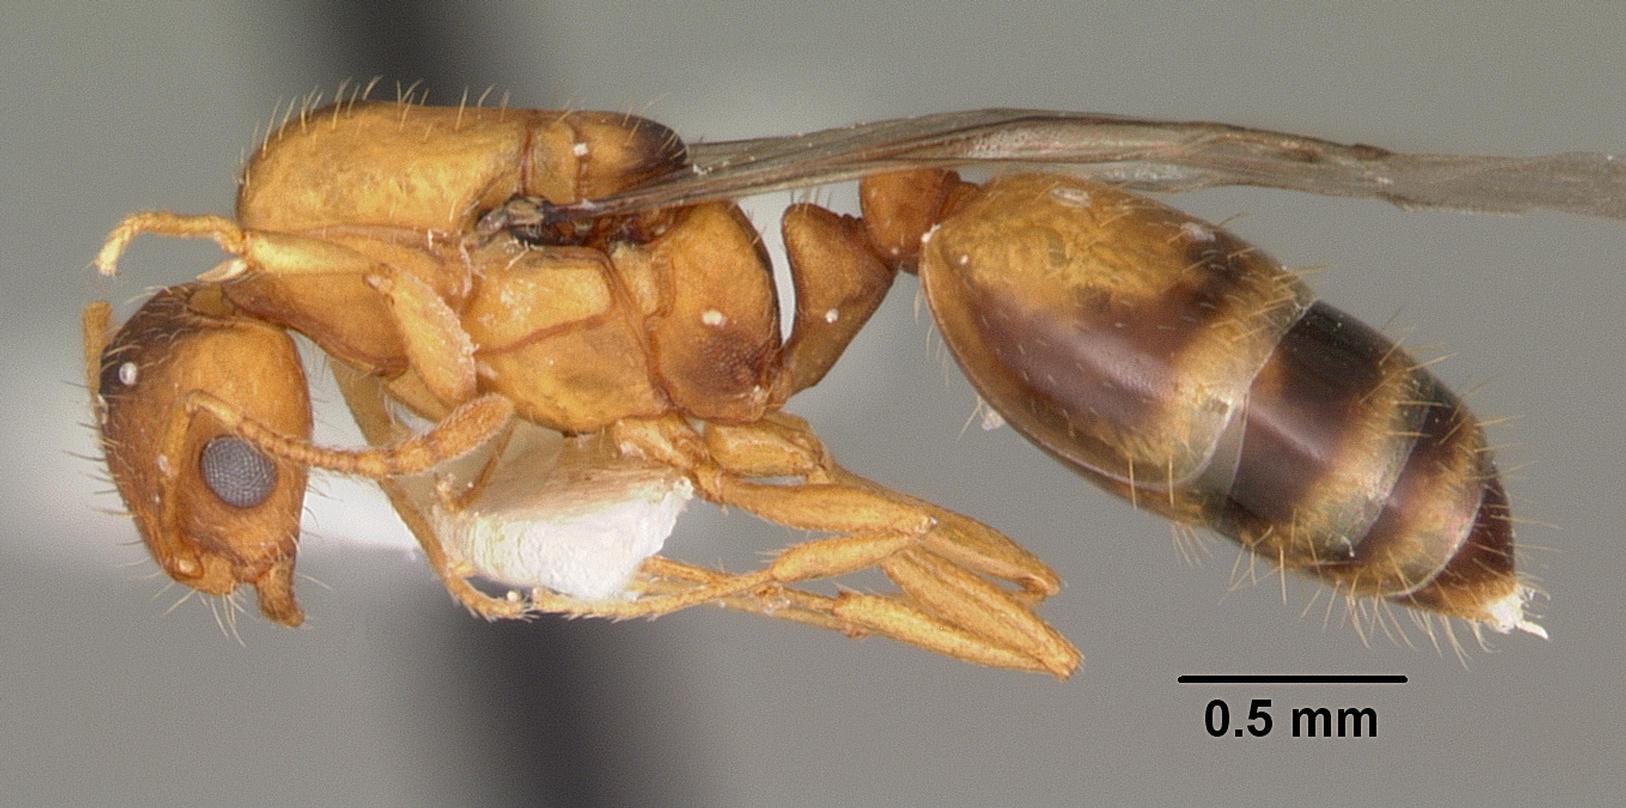 tipos de formiga : espécie de formiga